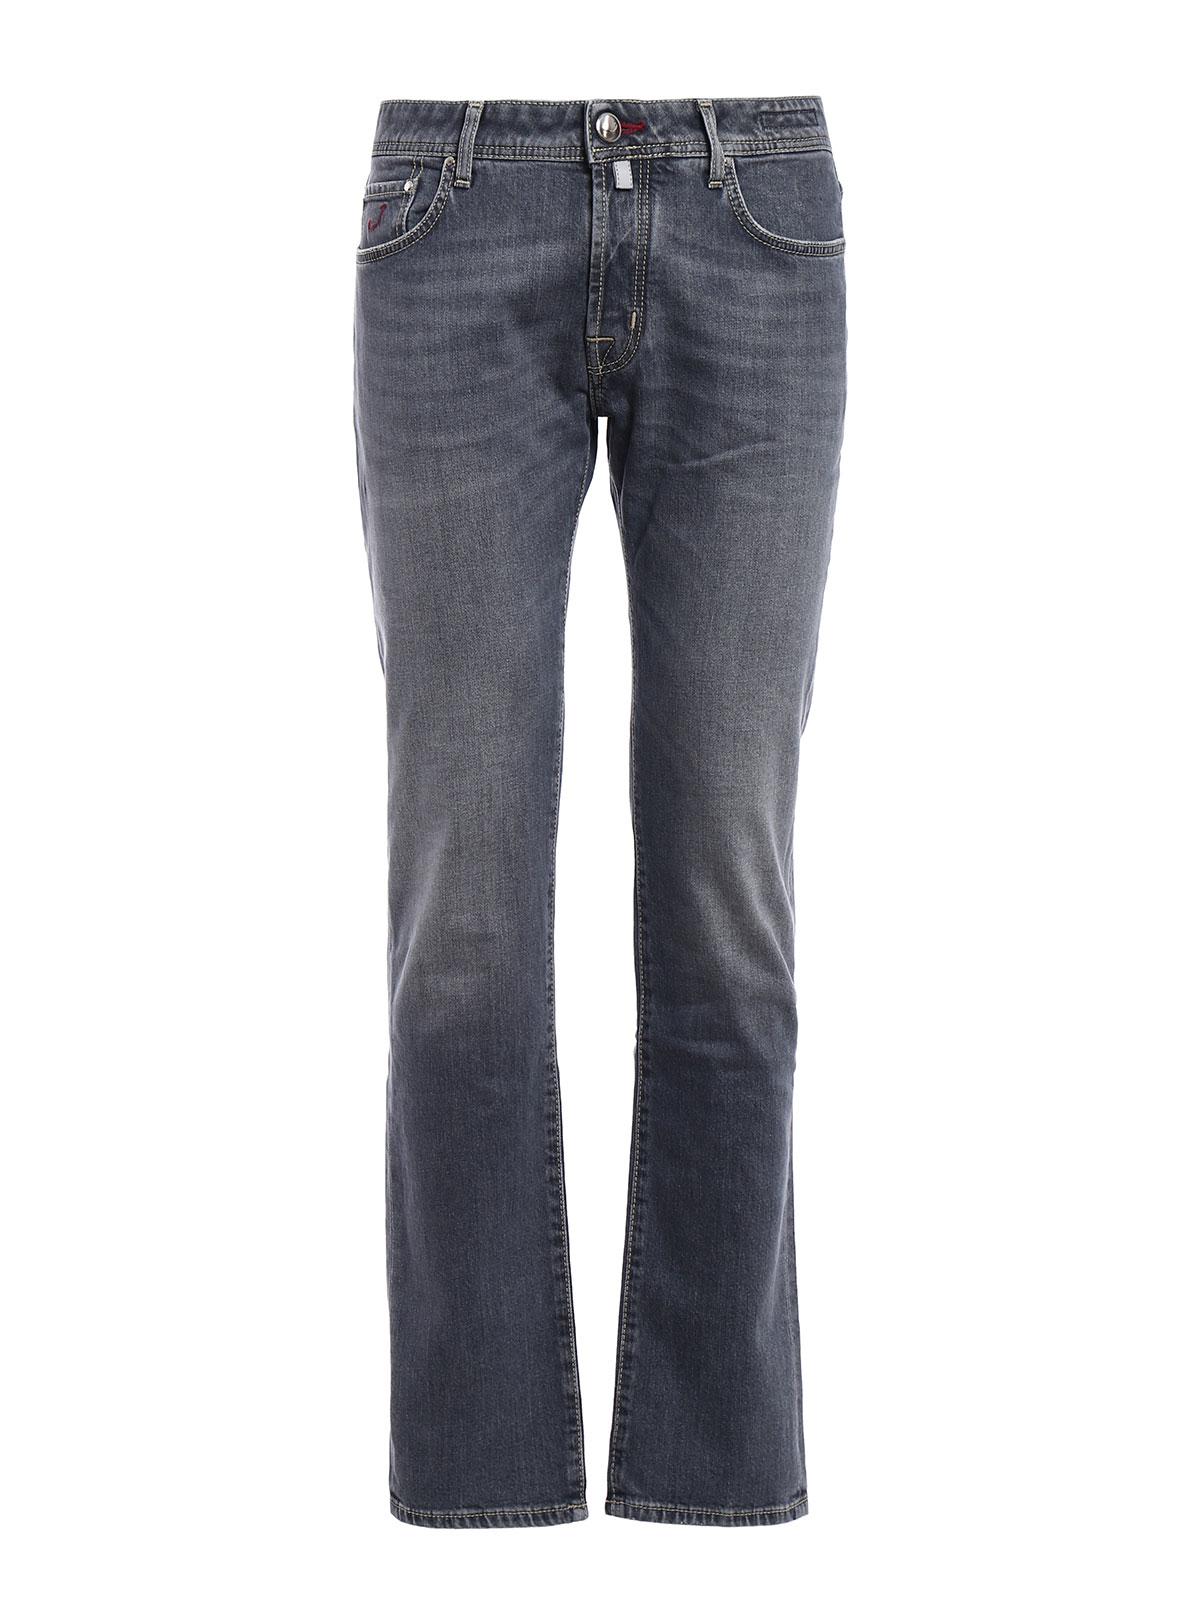 Faded grey denim jeans by jacob cohen straight leg jeans - Jacob cohen denim ...